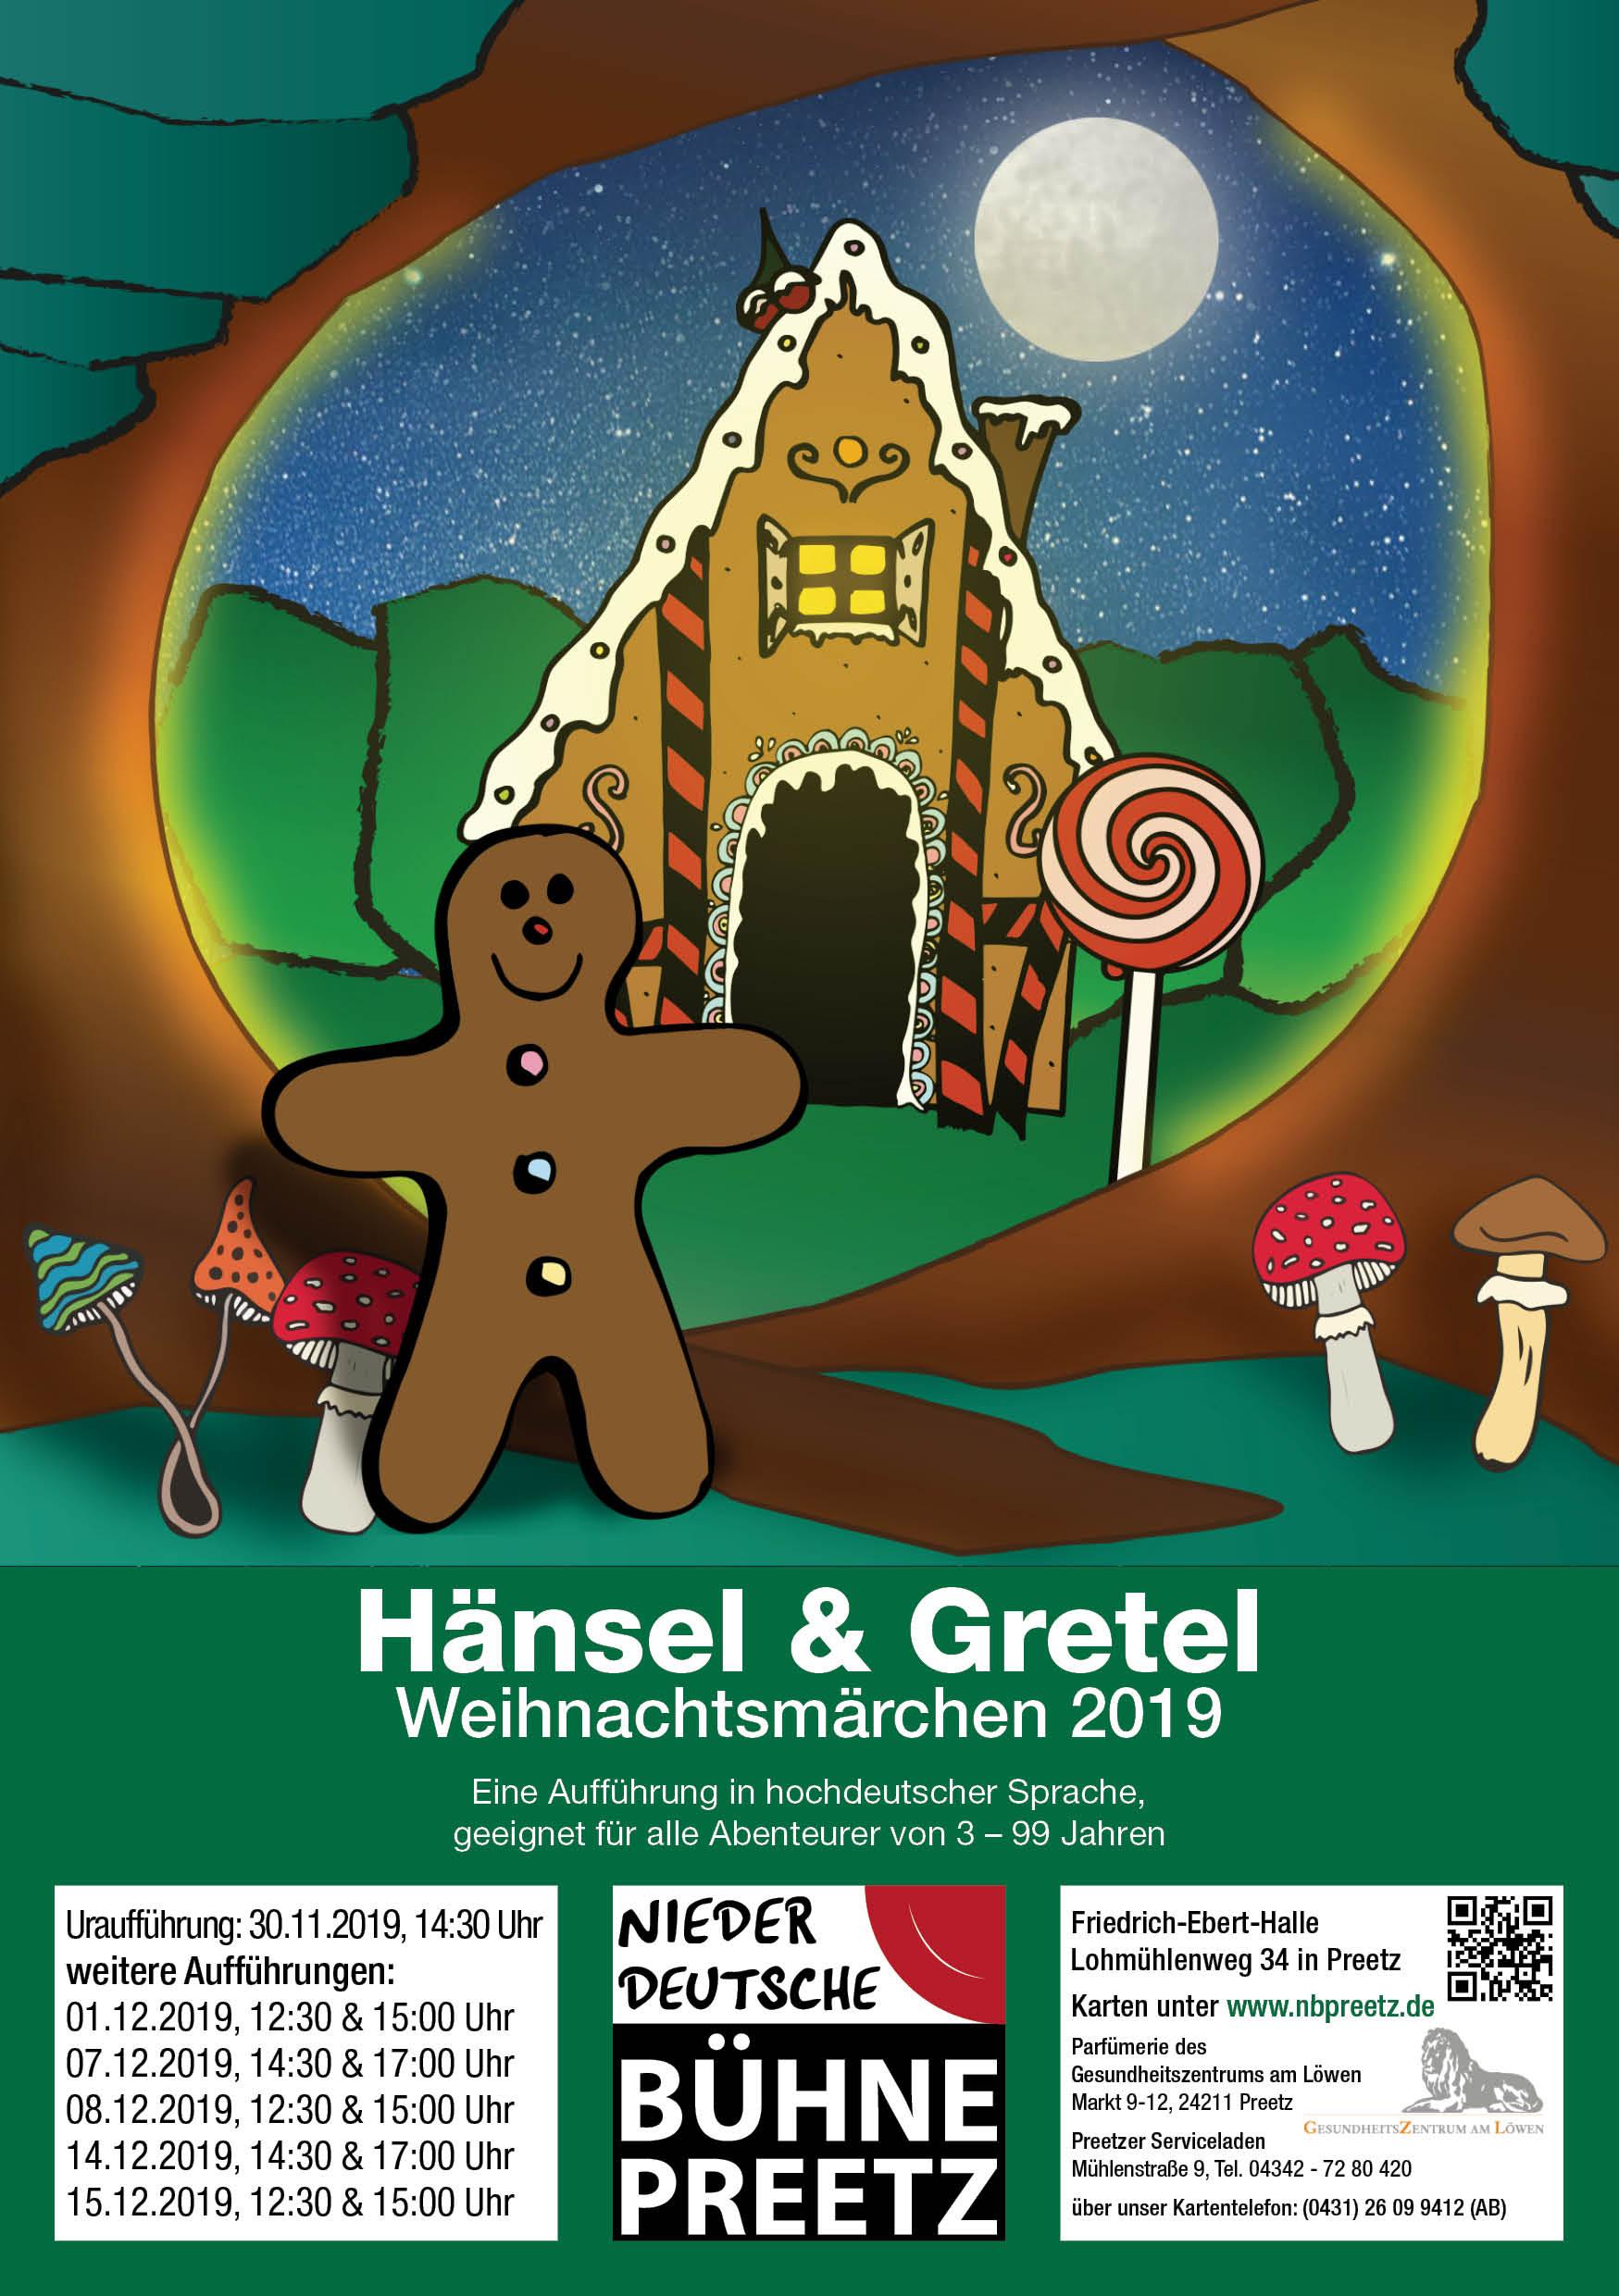 Flyer Weihnachtsmärchen 2019 Niederdeutsche Bühne bei Kiel